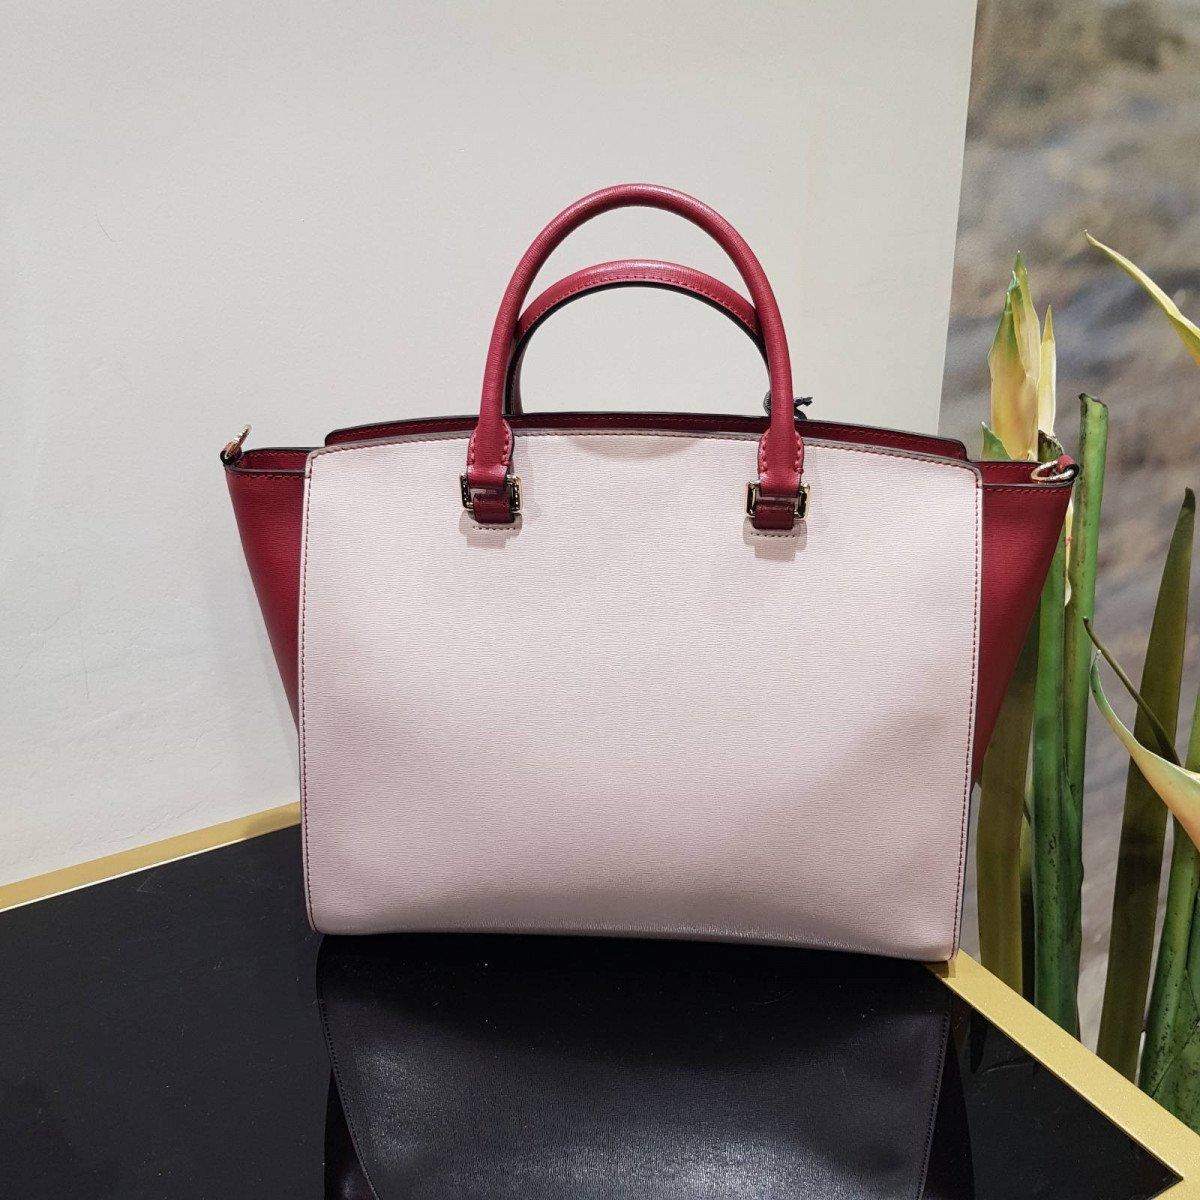 Женская кожаная сумка La Martina 41W004 O0001 biking red s grey brow из натуральной кожи